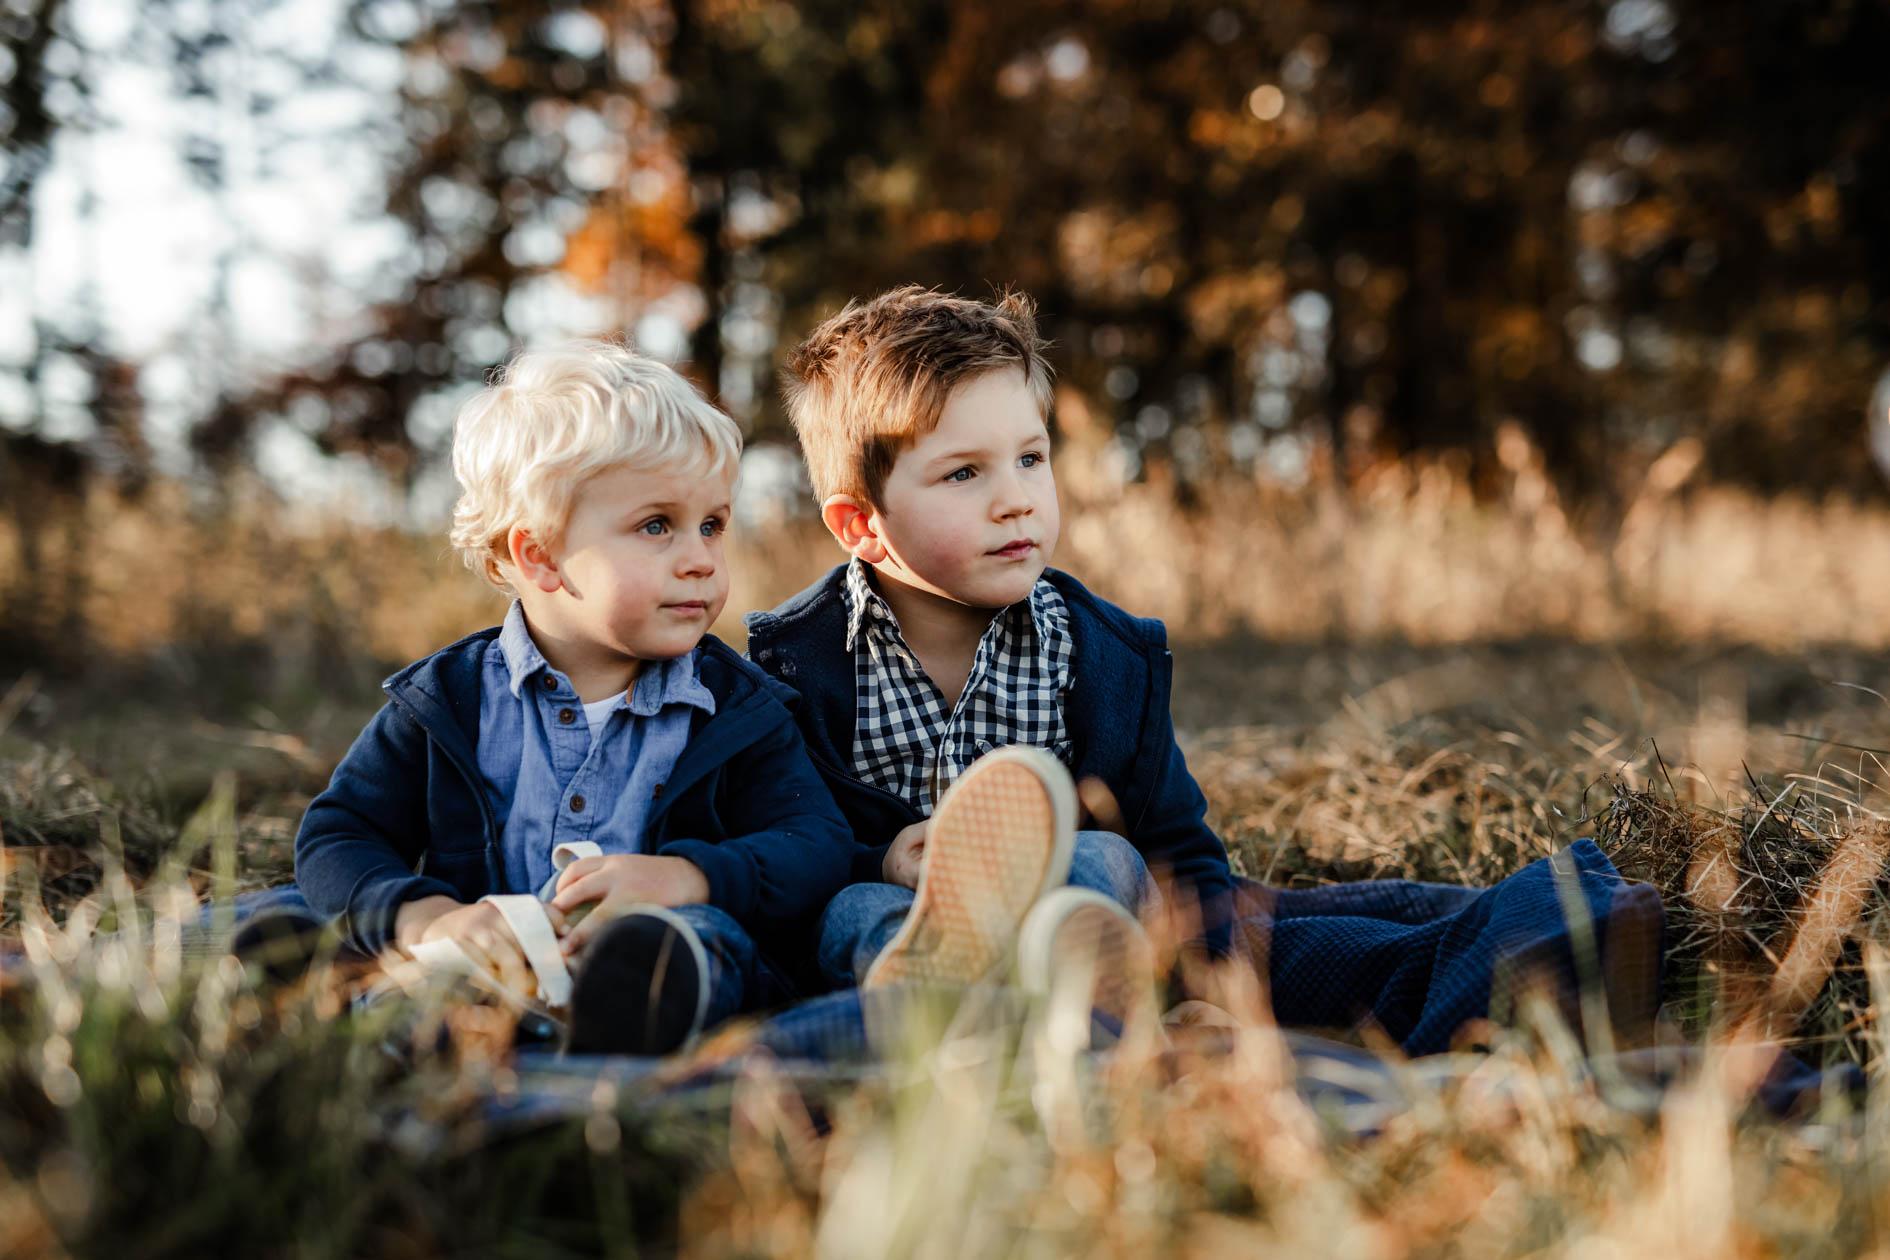 Brüder Outdoor im Herbst mit der Lichtzeichnerin Simone Lerner